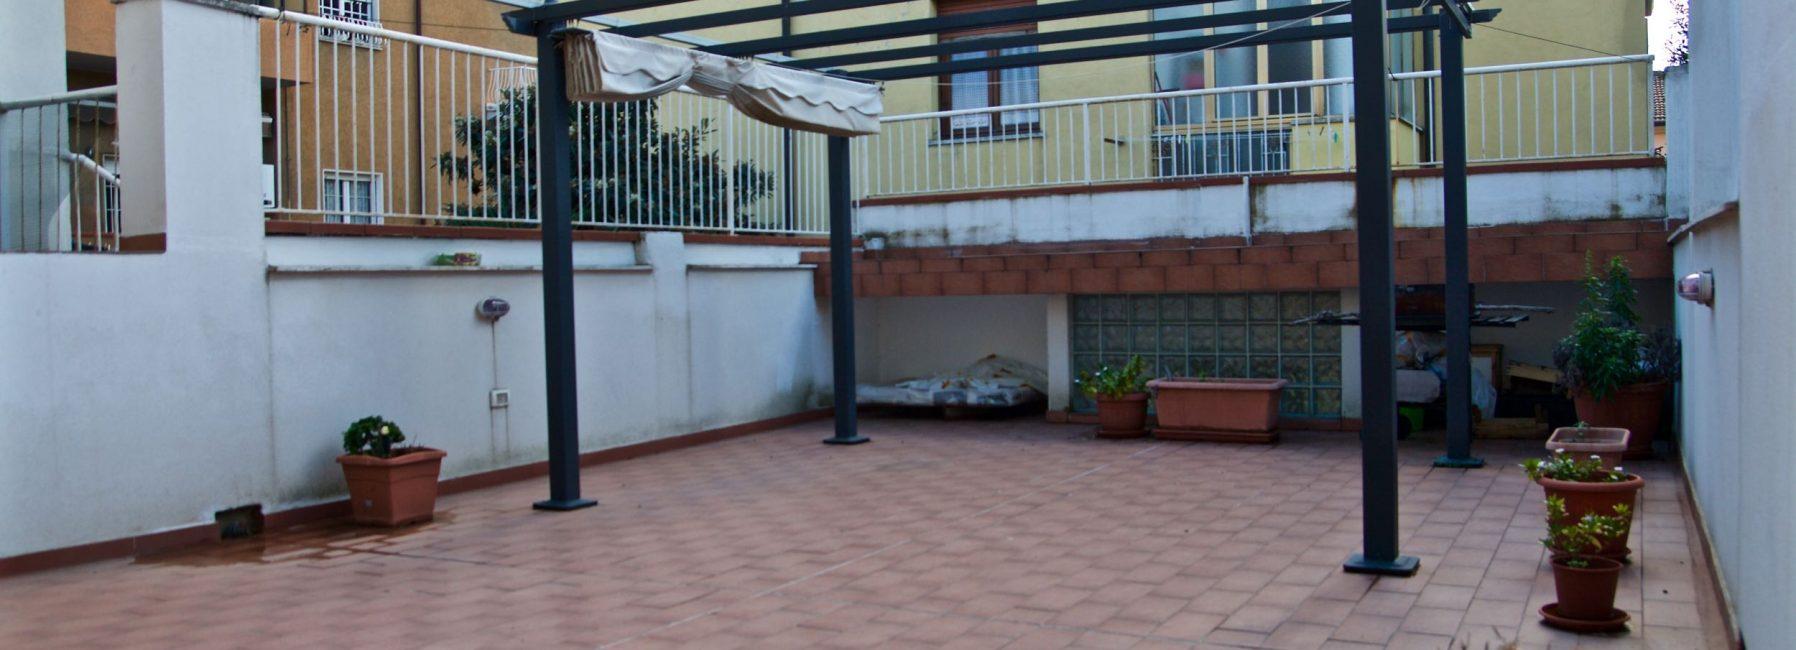 Affitto Casa Grosseto con Due Camere